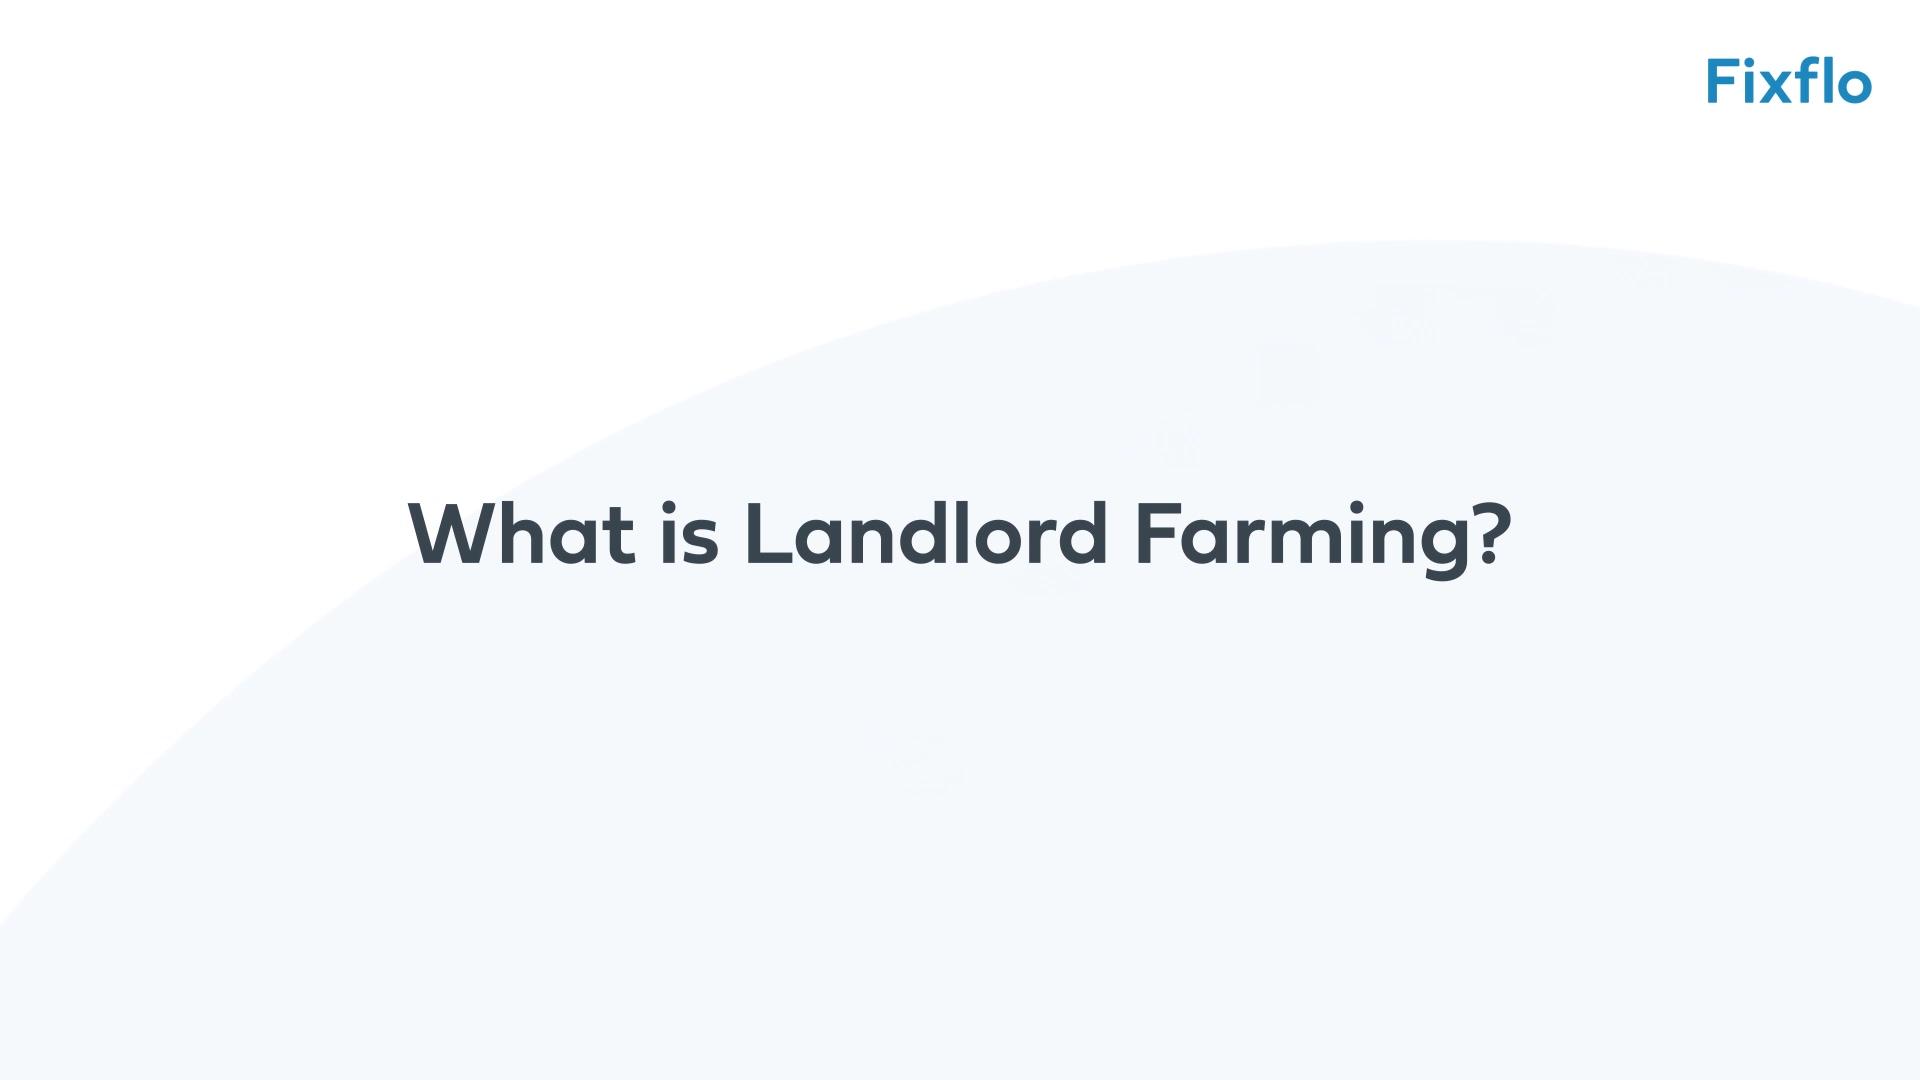 Chris Watkin - 1 - Landlord Farming